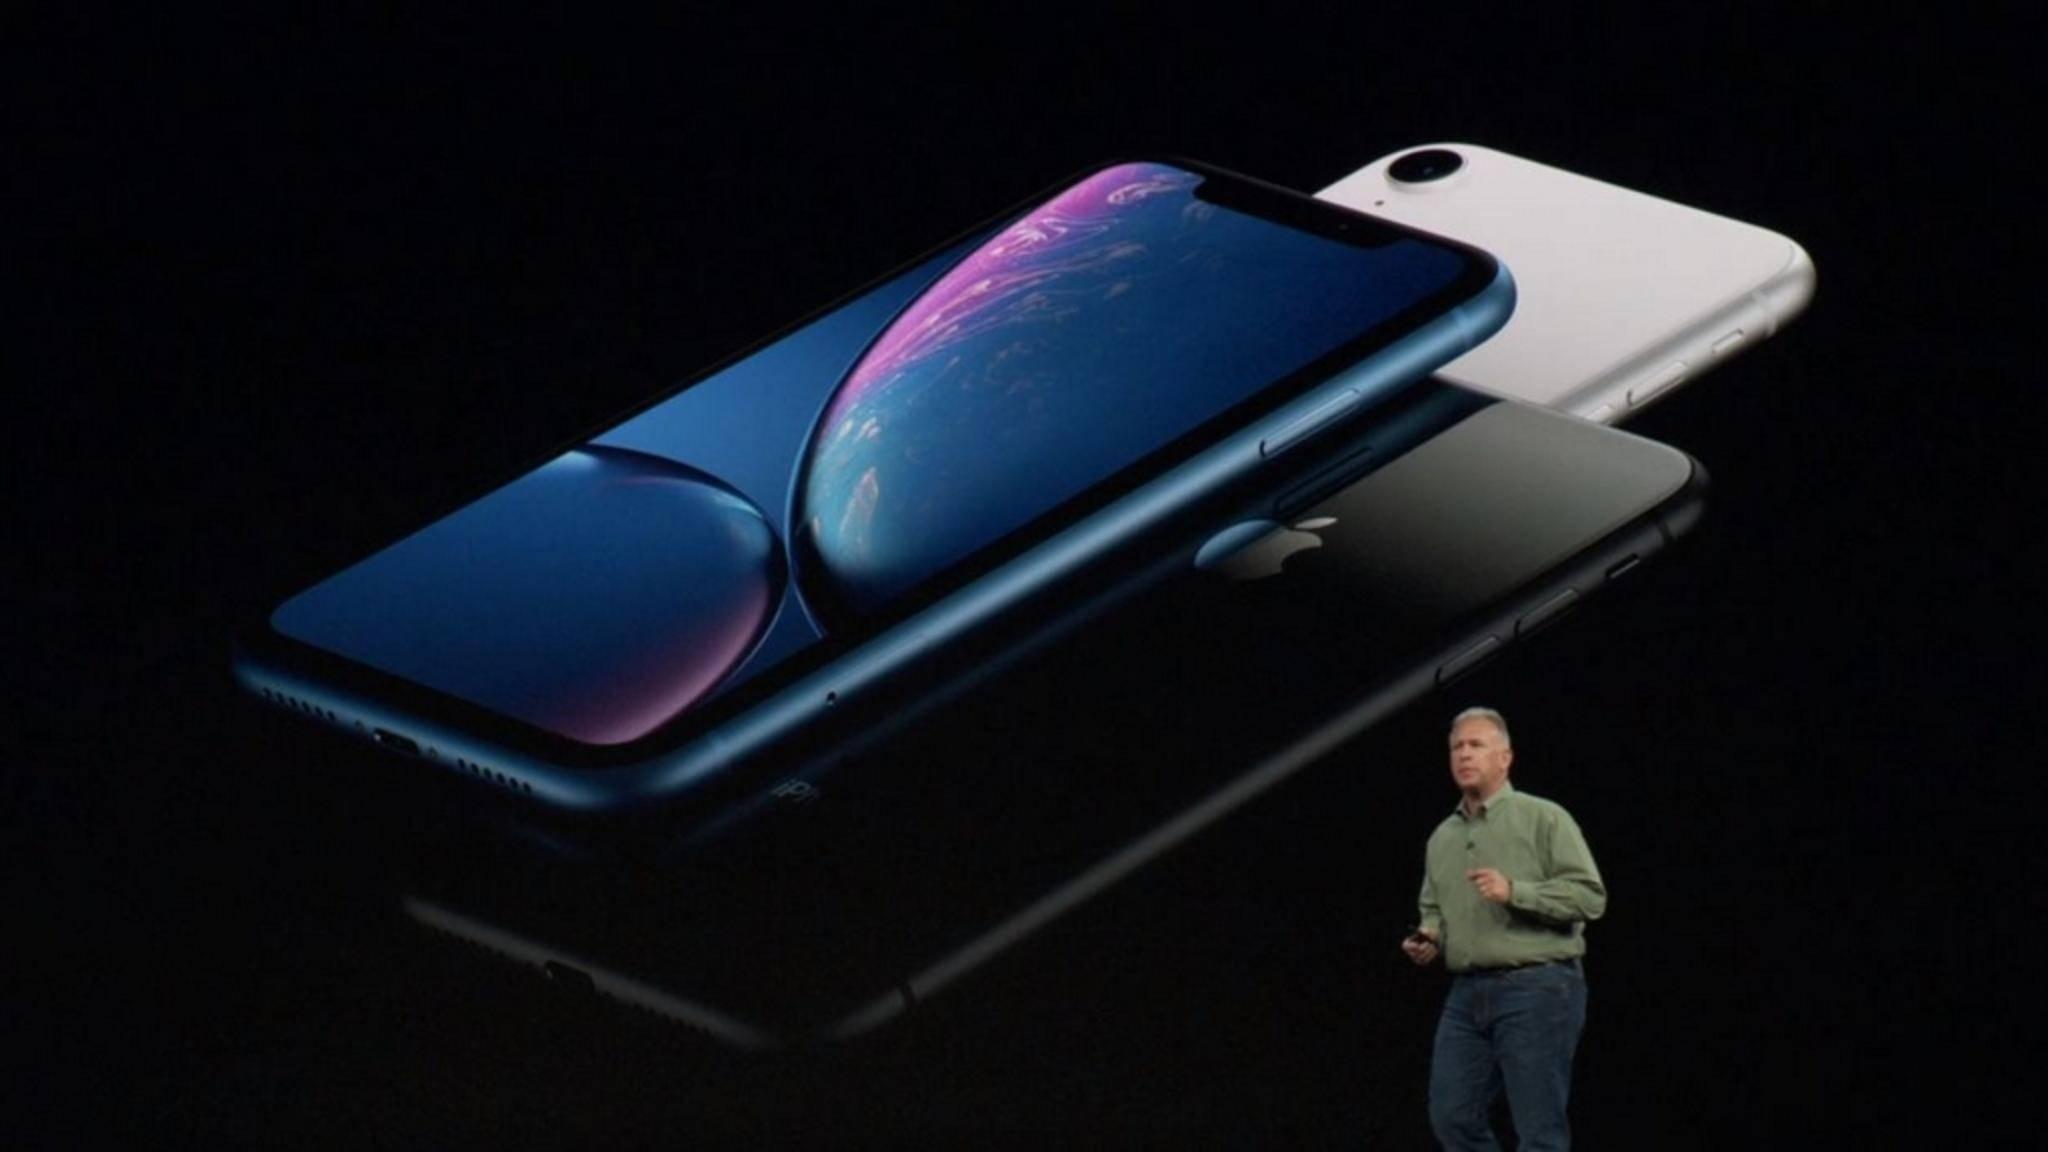 Das iPhone XR ist das günstigste Modell unter den neuen iPhones.